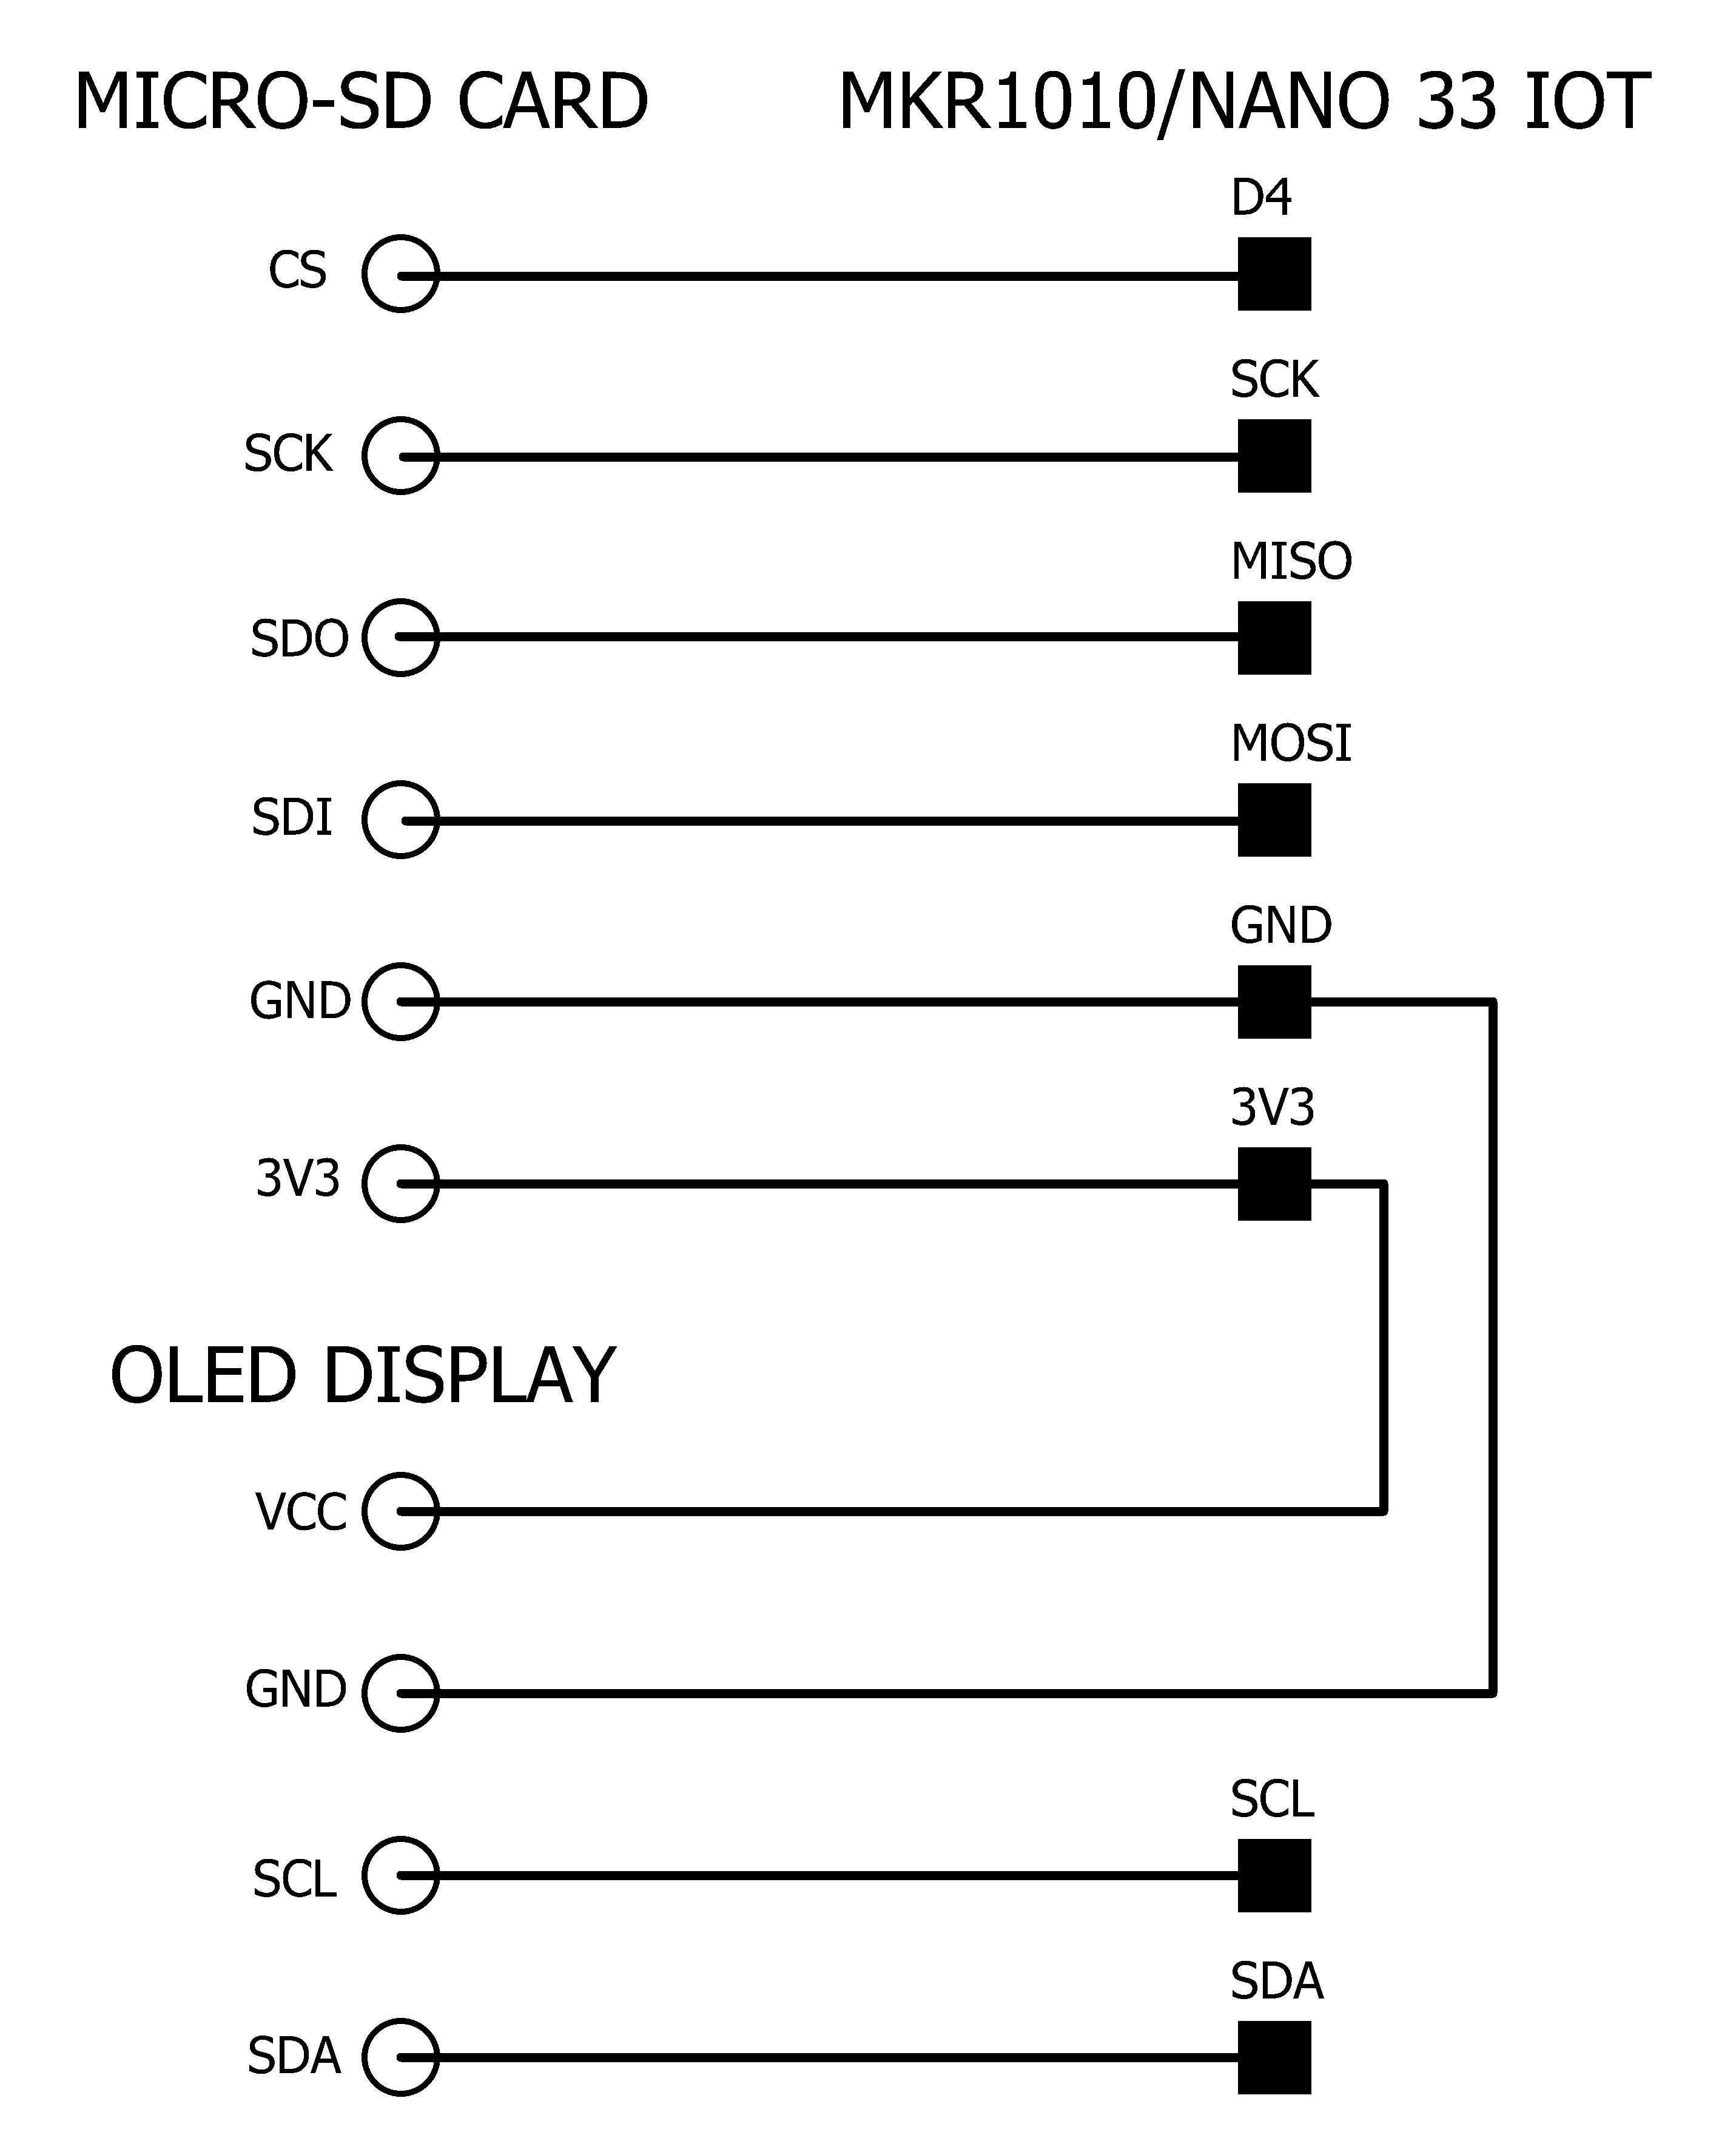 Mkrdlconnections 8rklq59iem